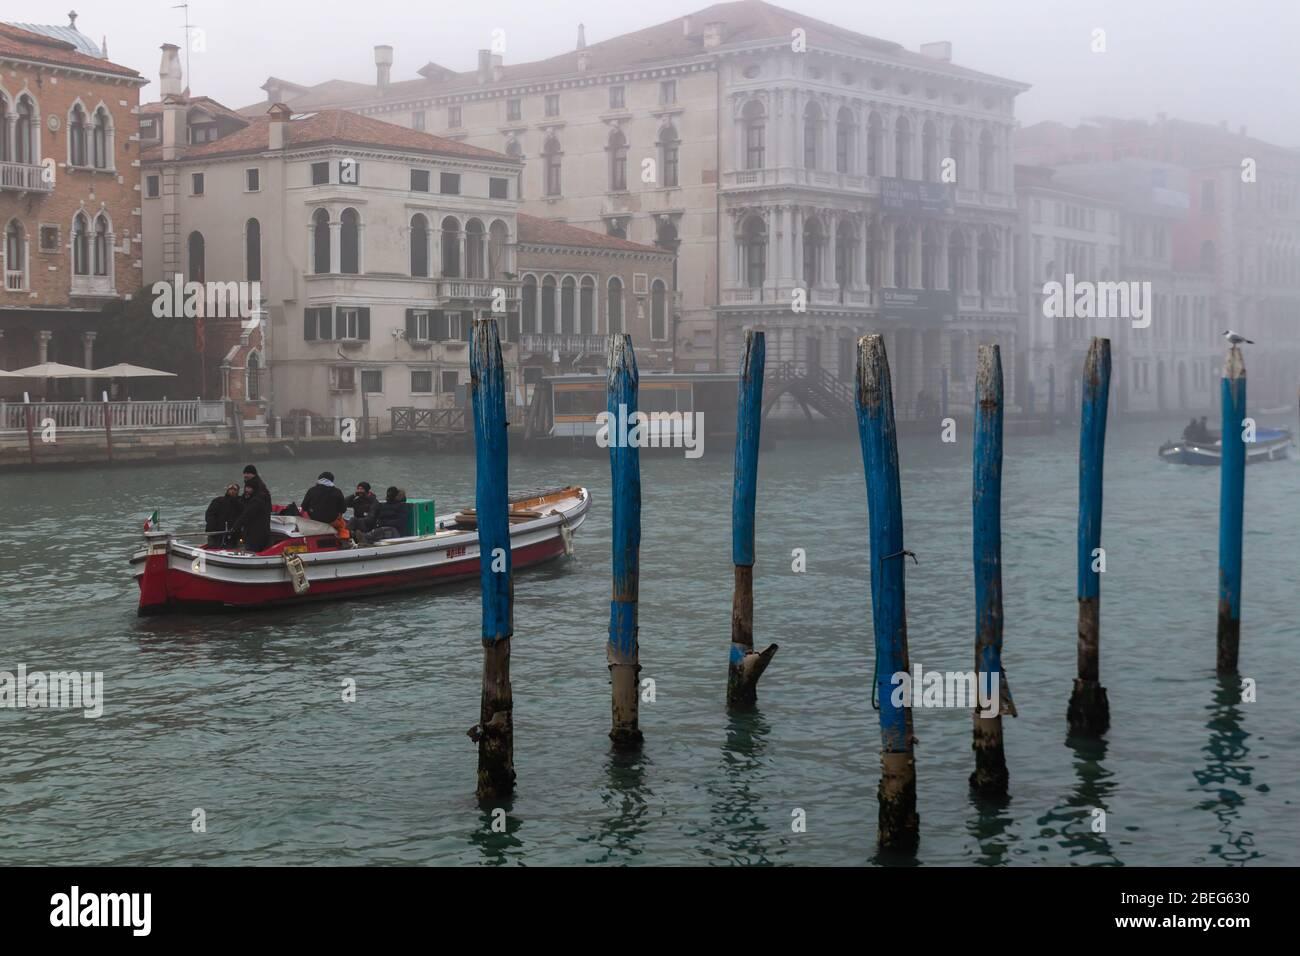 Venise, Italie. 9 janvier 2019. Bateaux traversant le Grand Canal dans le brouillard Banque D'Images